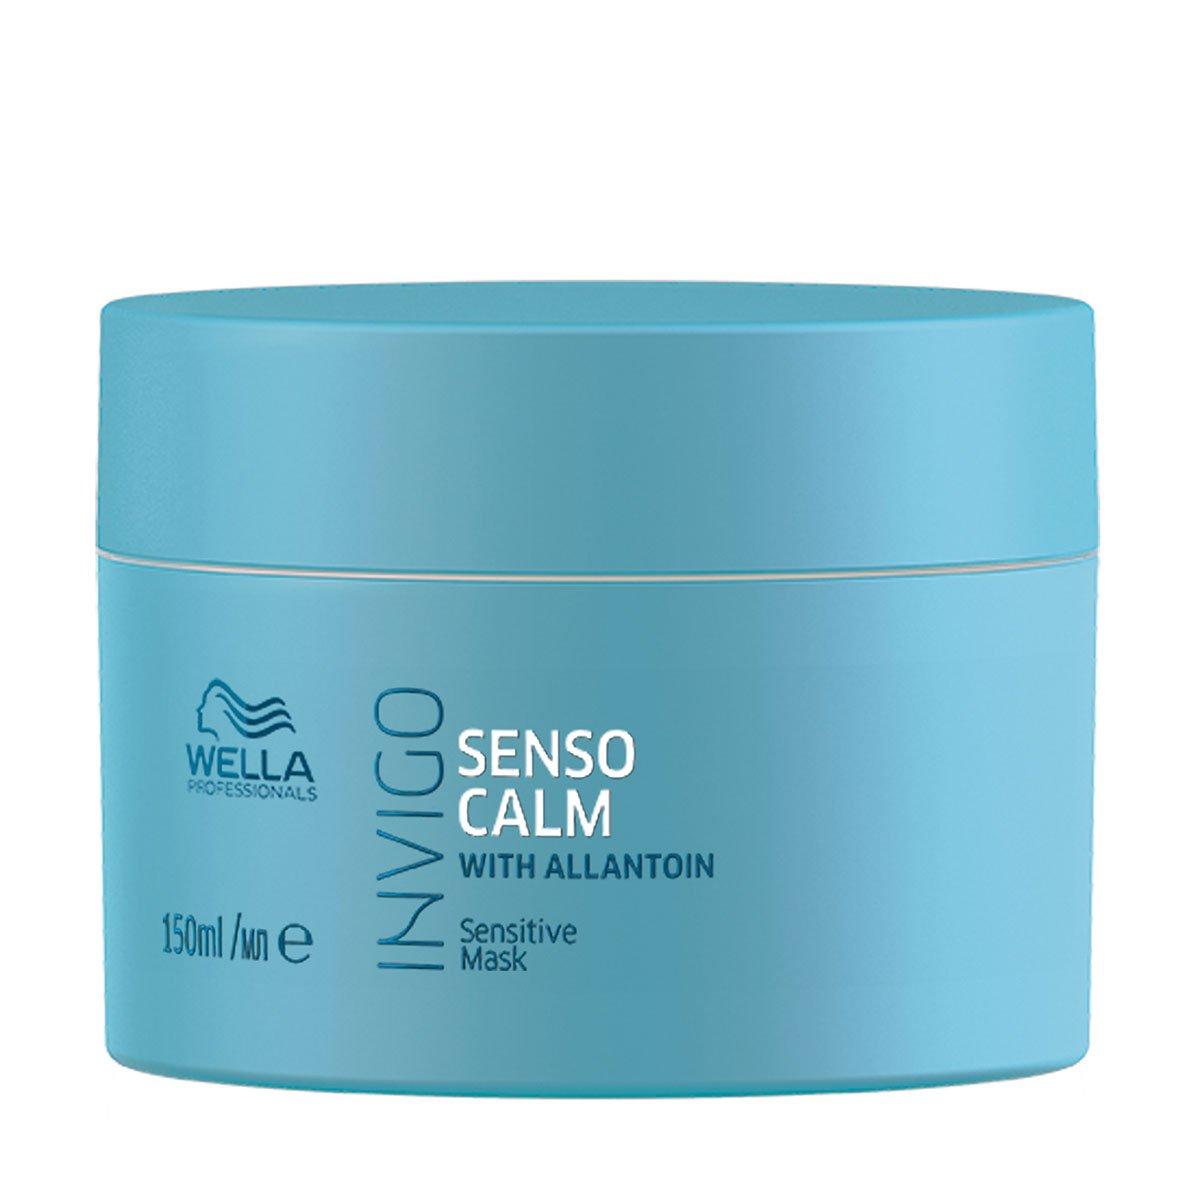 Wella INVIGO Senso Calm Sensitive Mask